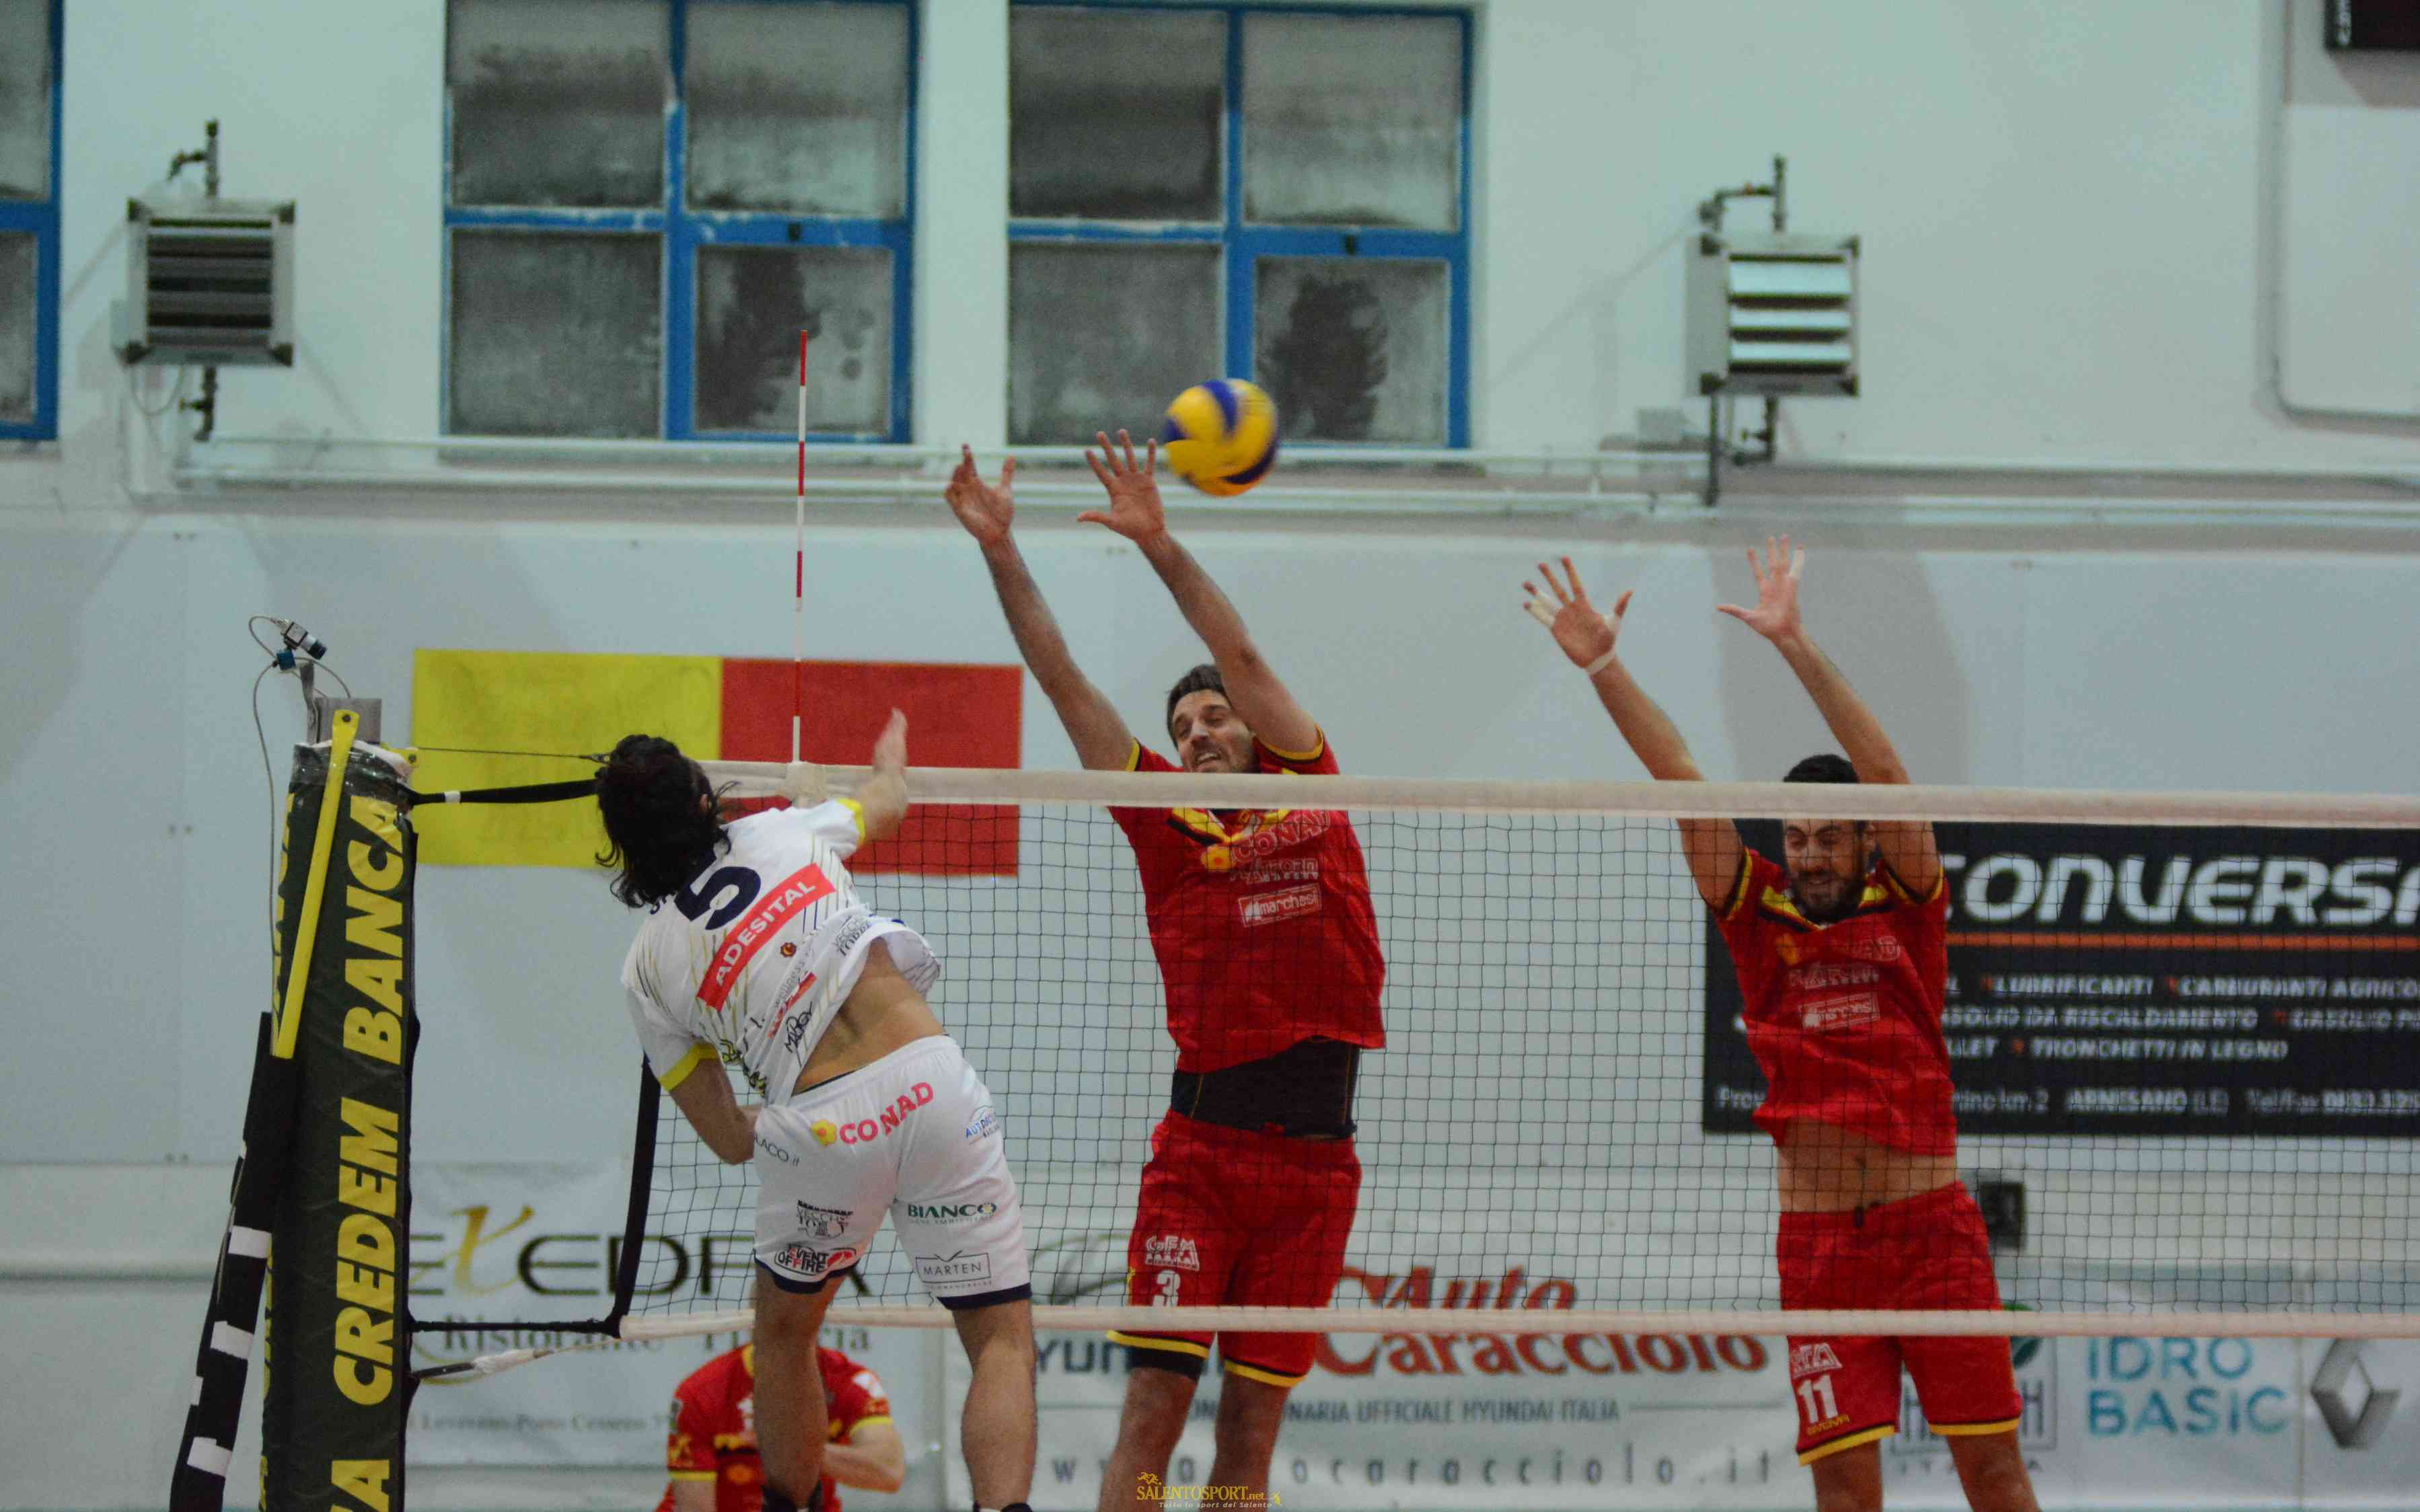 leverano-reggio-emilia-volley 060219